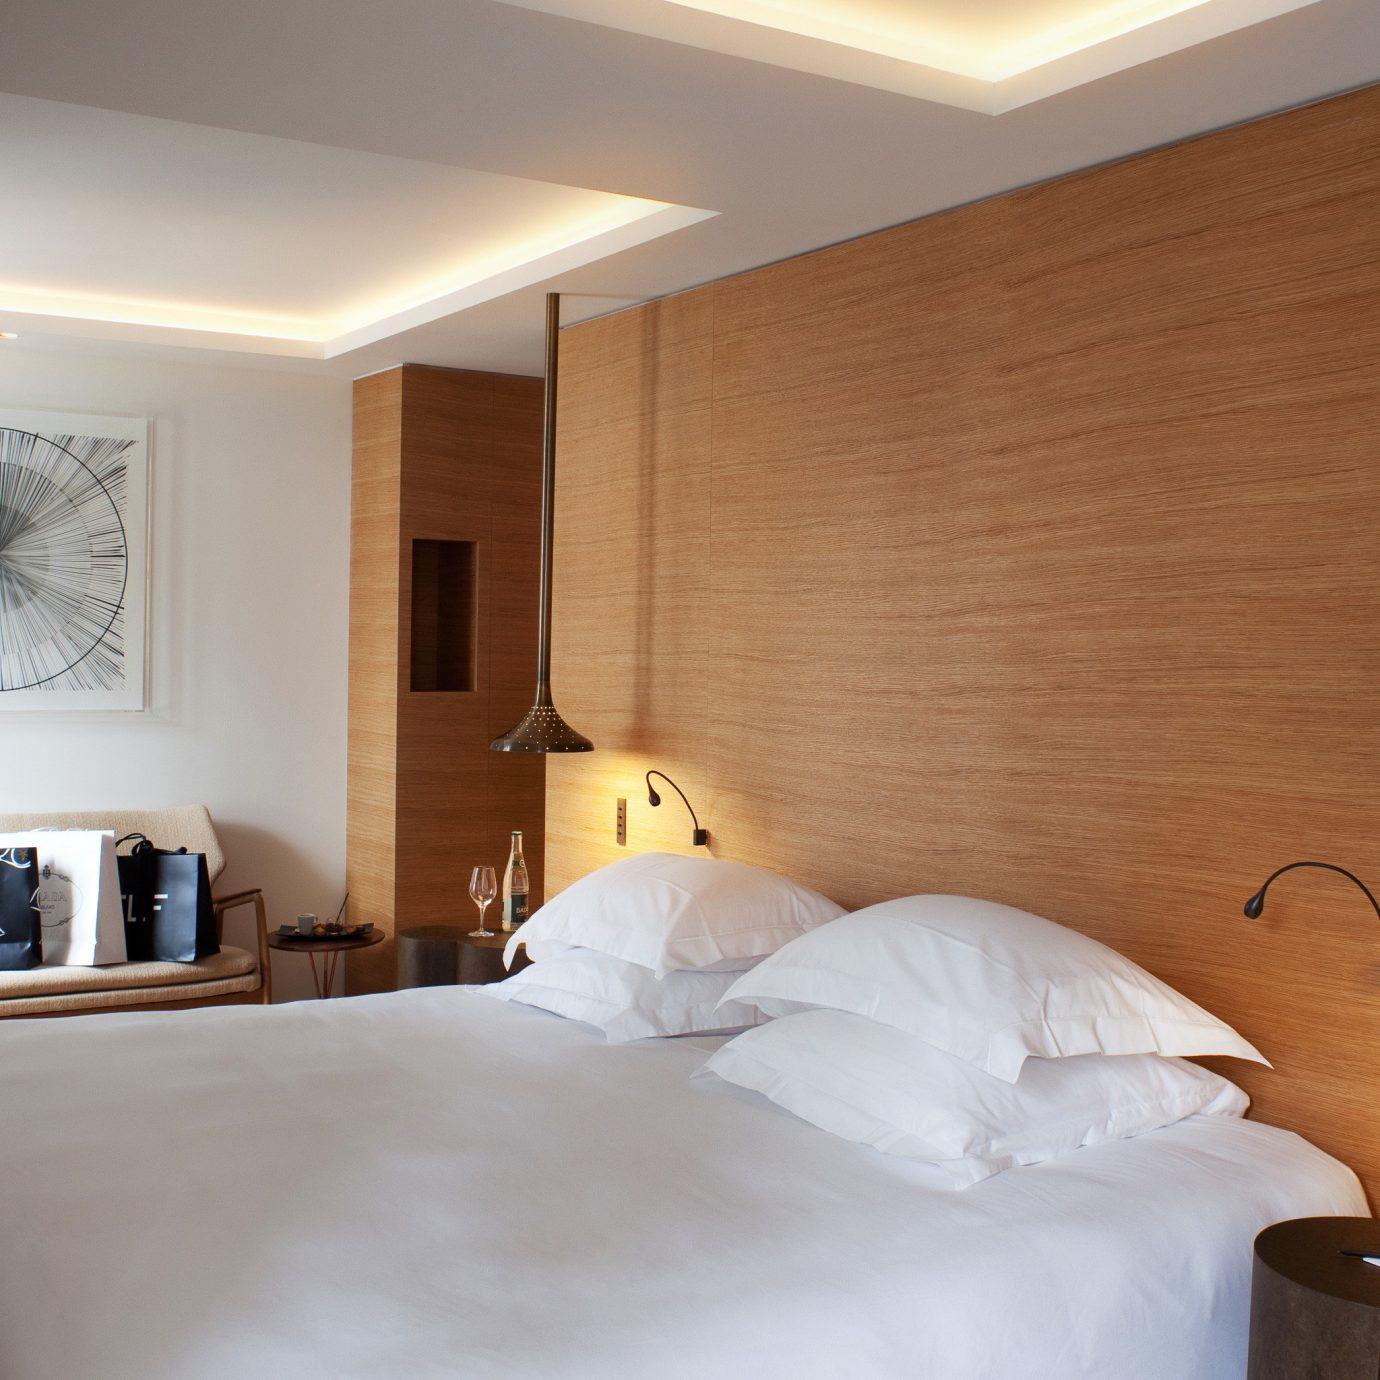 Bedroom City Hip Modern property Suite scene cottage